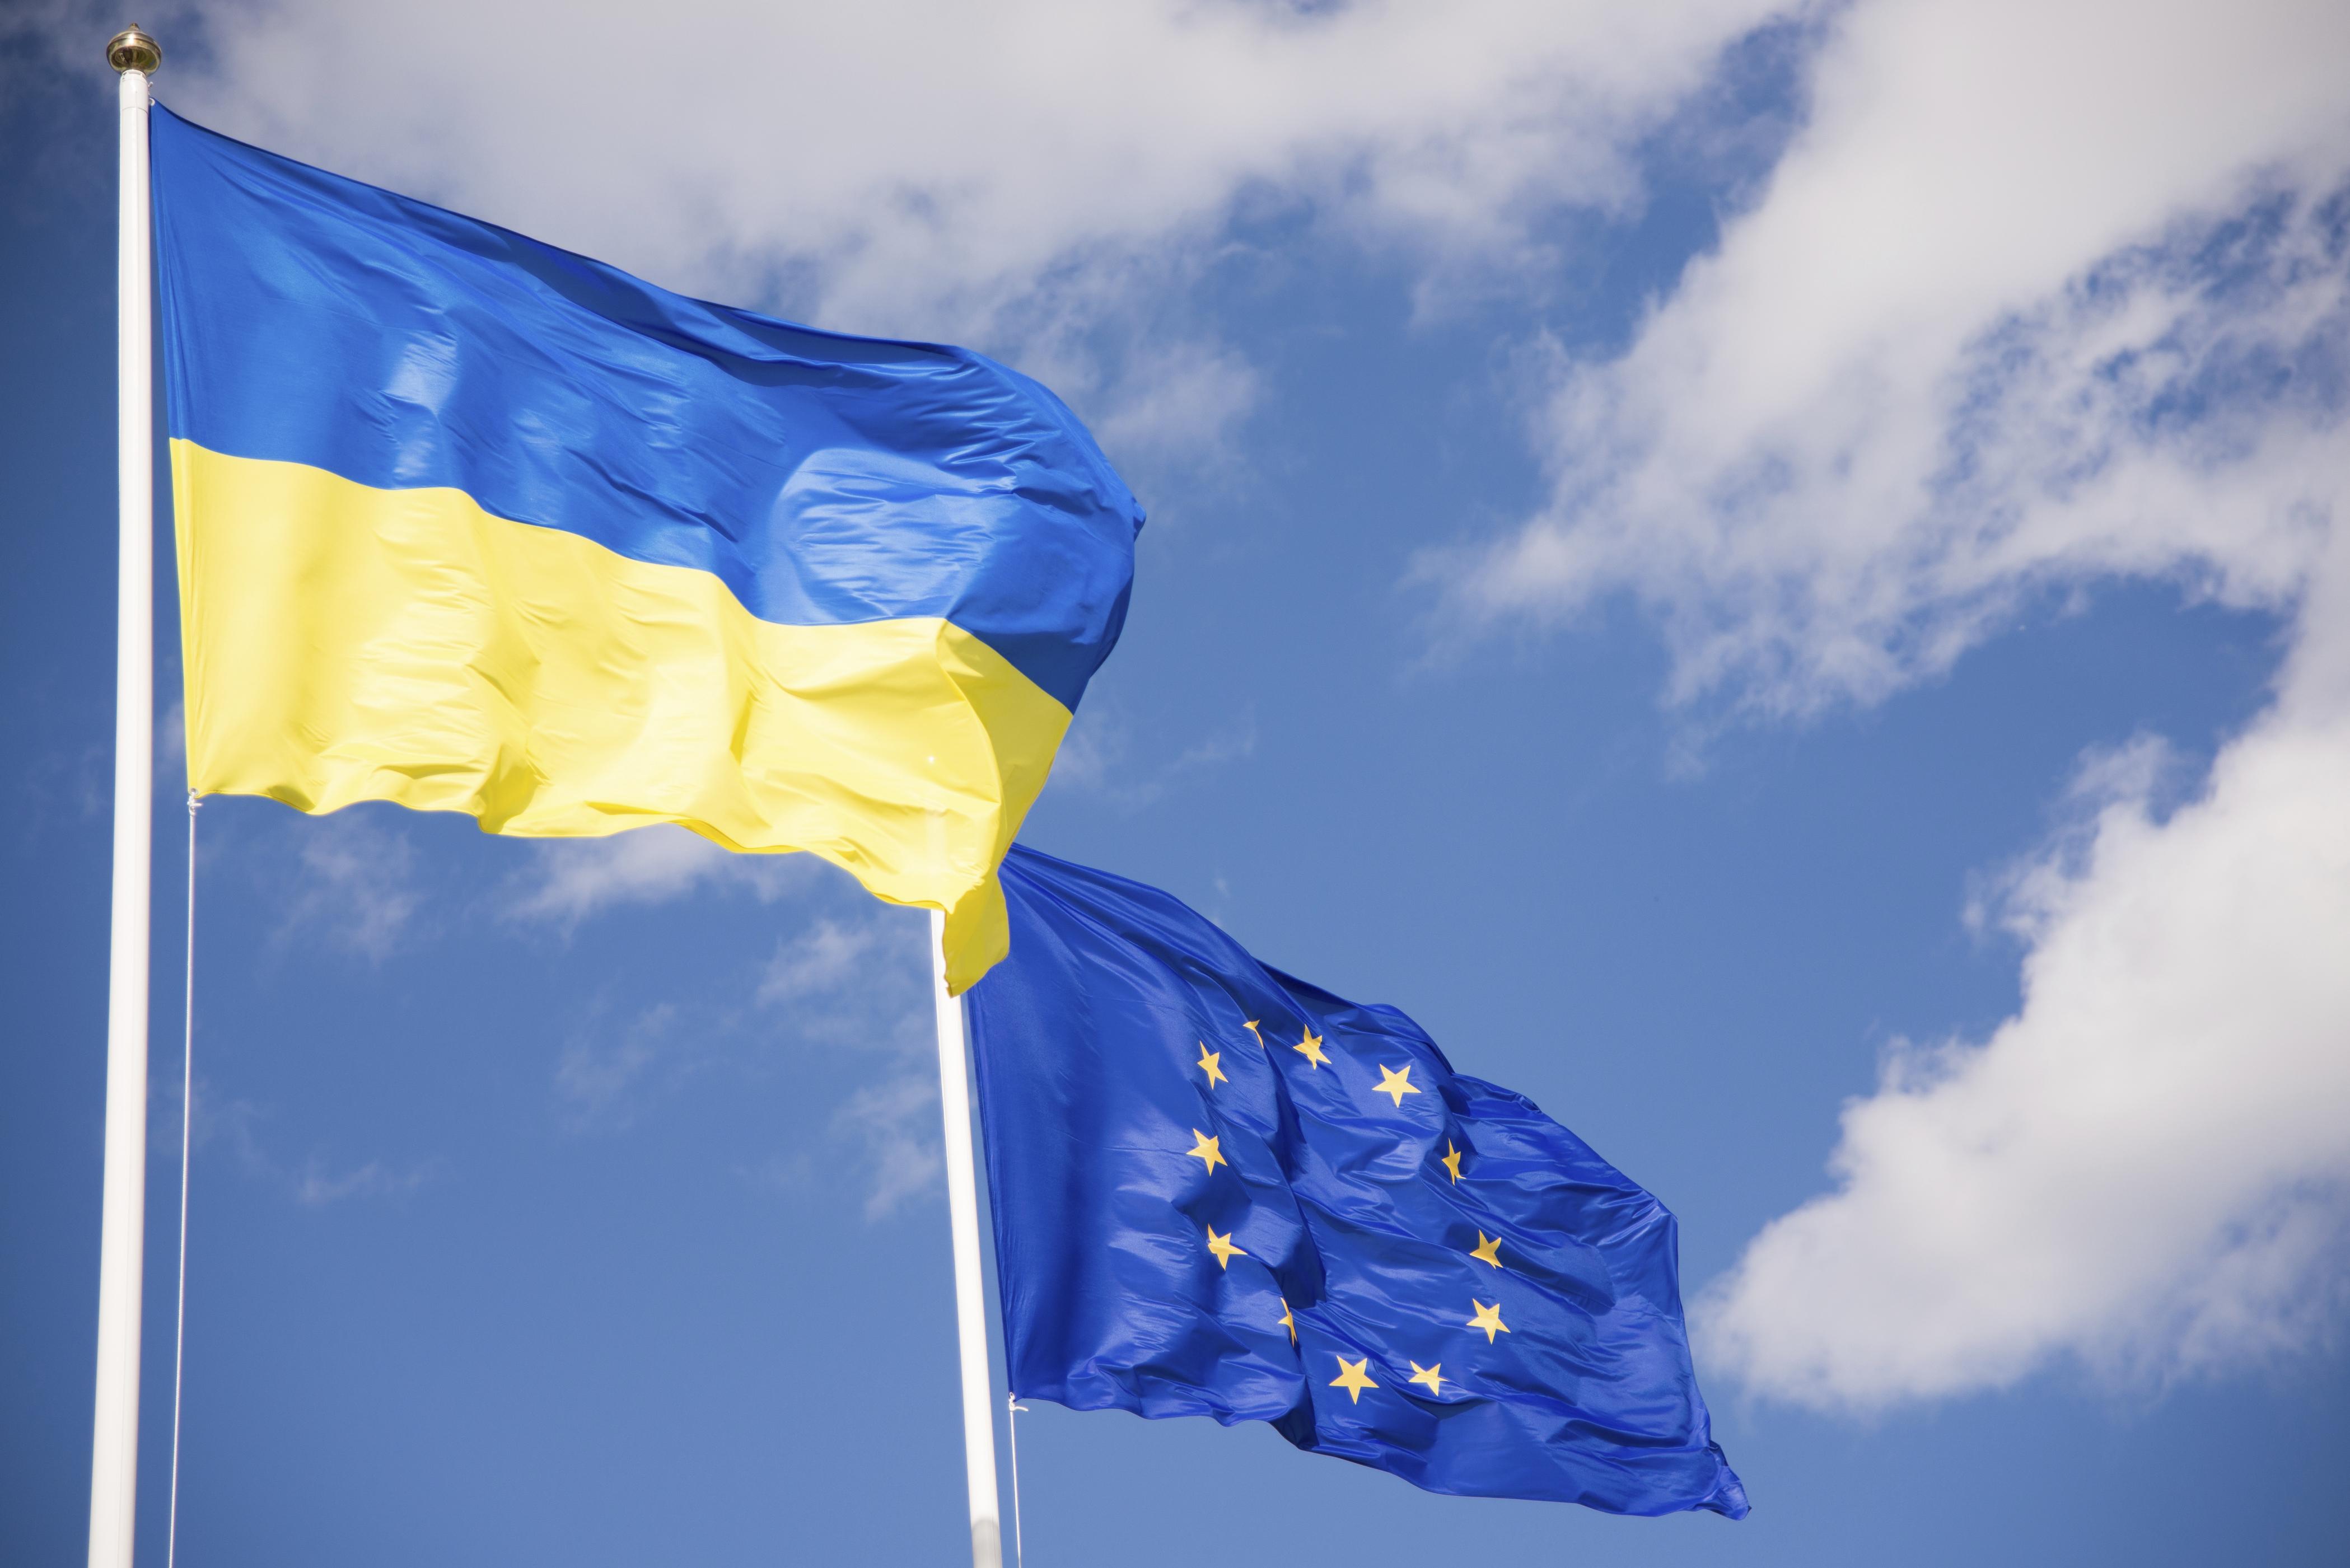 Ucraina visează la integrarea în Uniunea Europeană